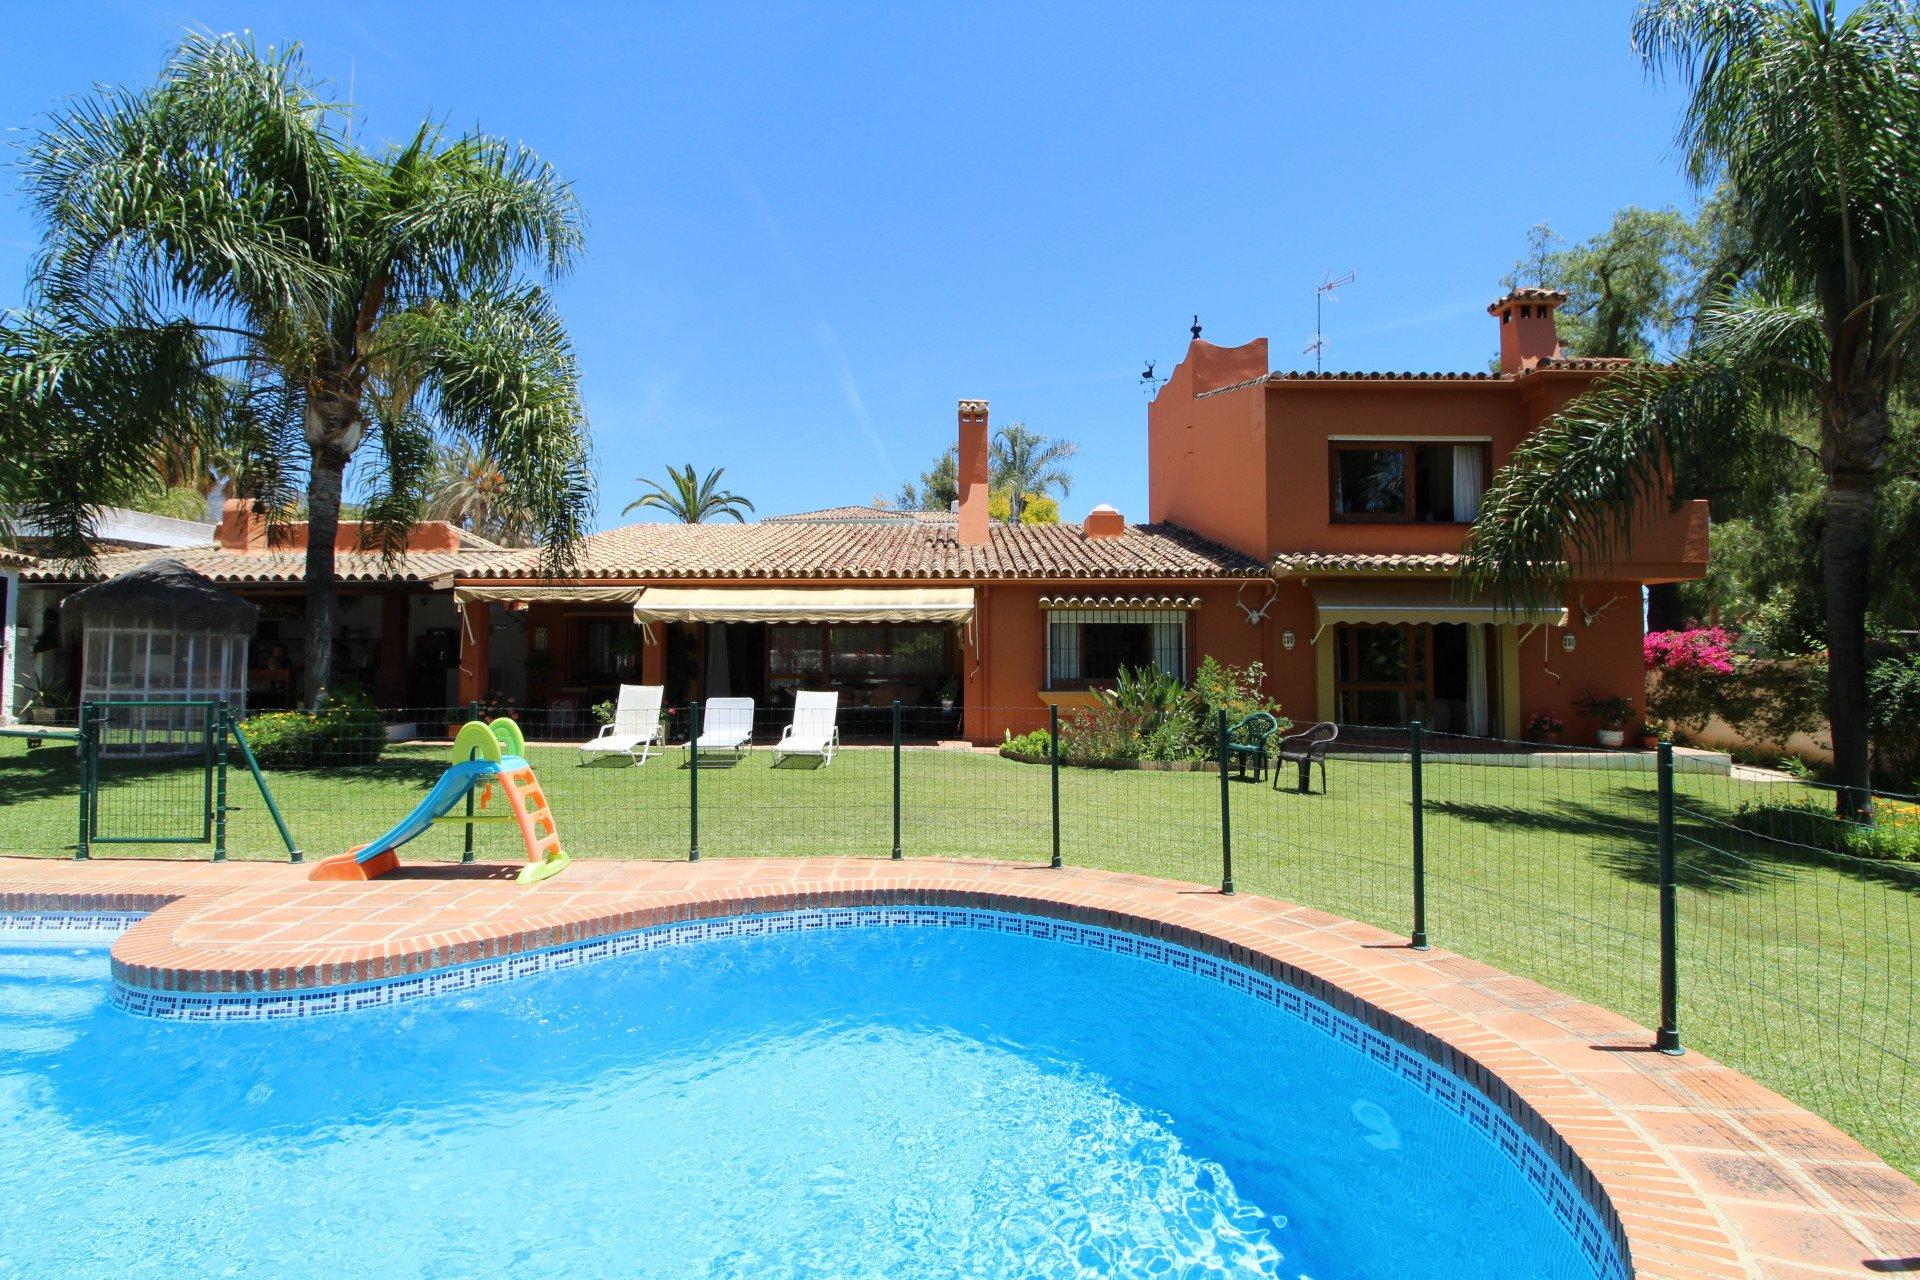 Villa in Marbella, Andalusia, Spain 1 - 10883646